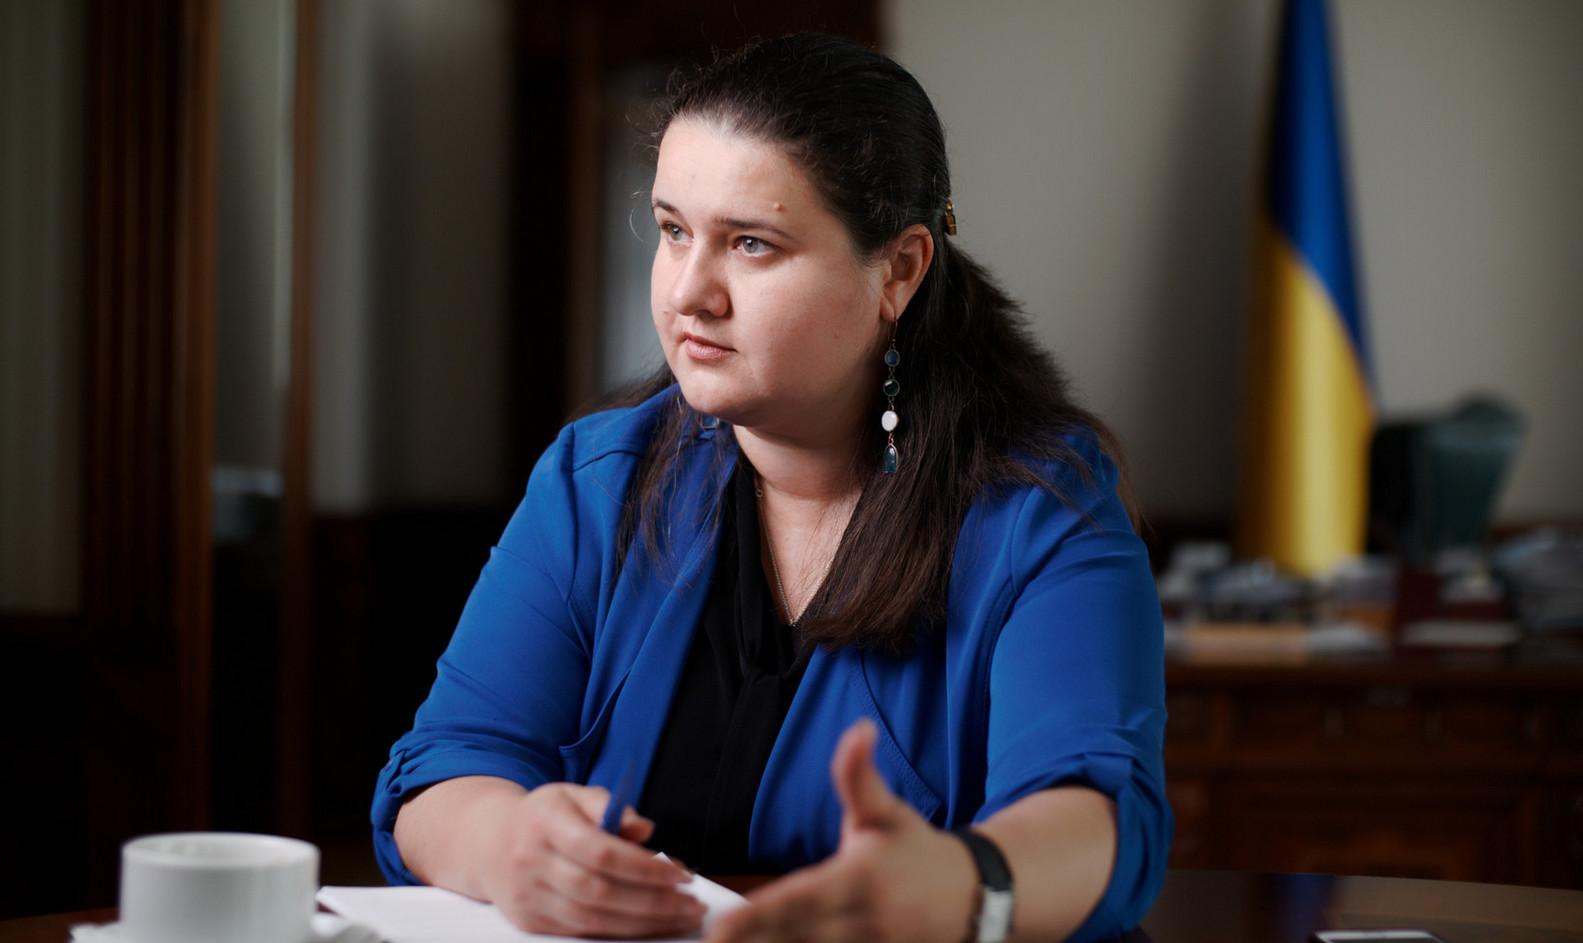 Маркарова рассказала, как добиться роста экономики на 5-7% в год